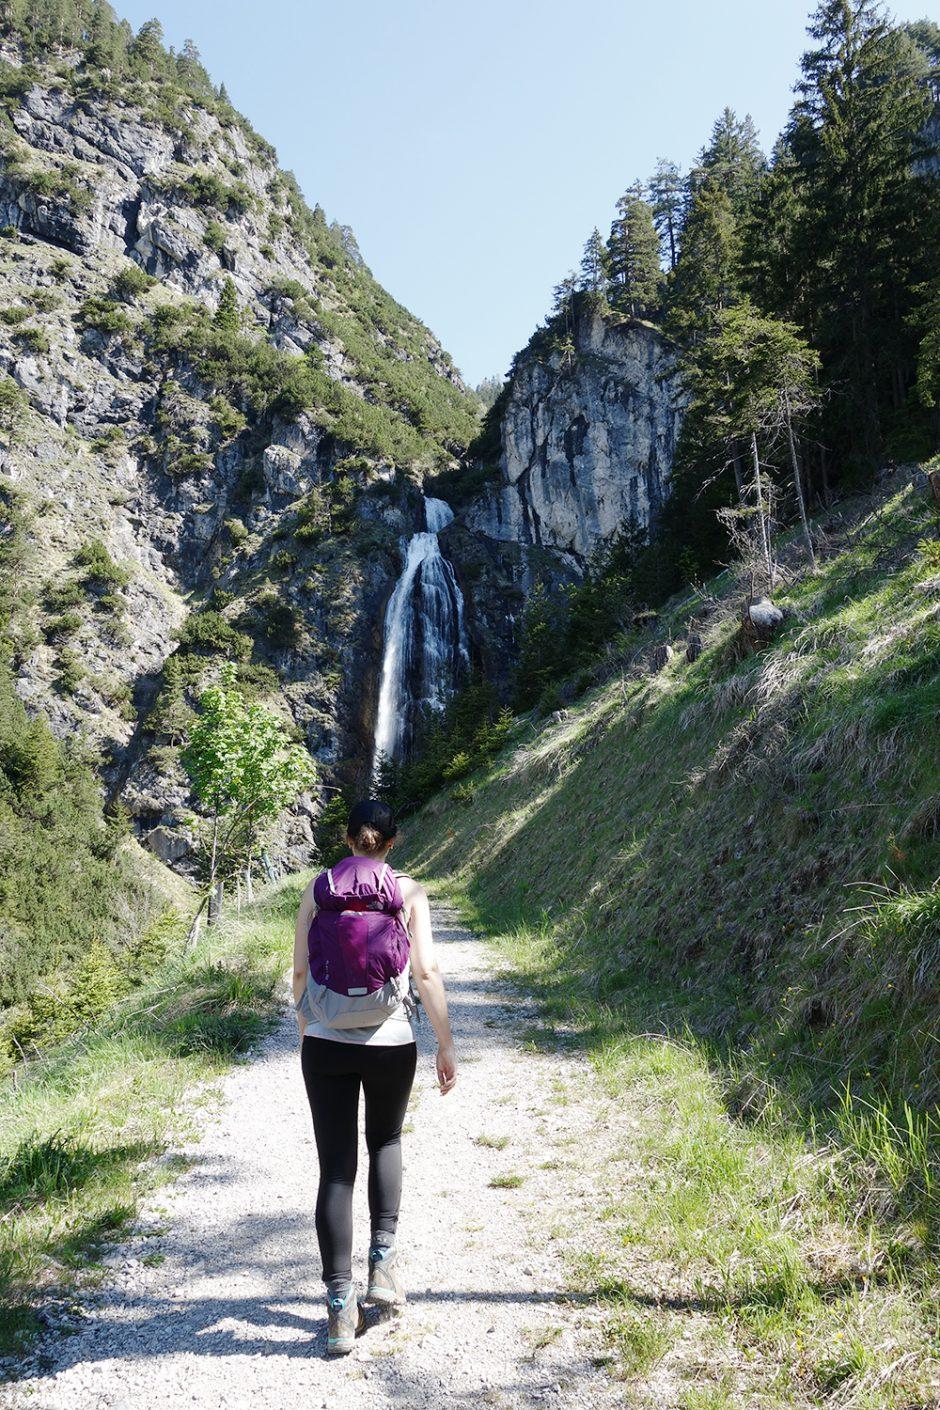 wildandfit-wandern-dalfazer-wasserfall-klettersteig-hochiss-achensee-rofan-4